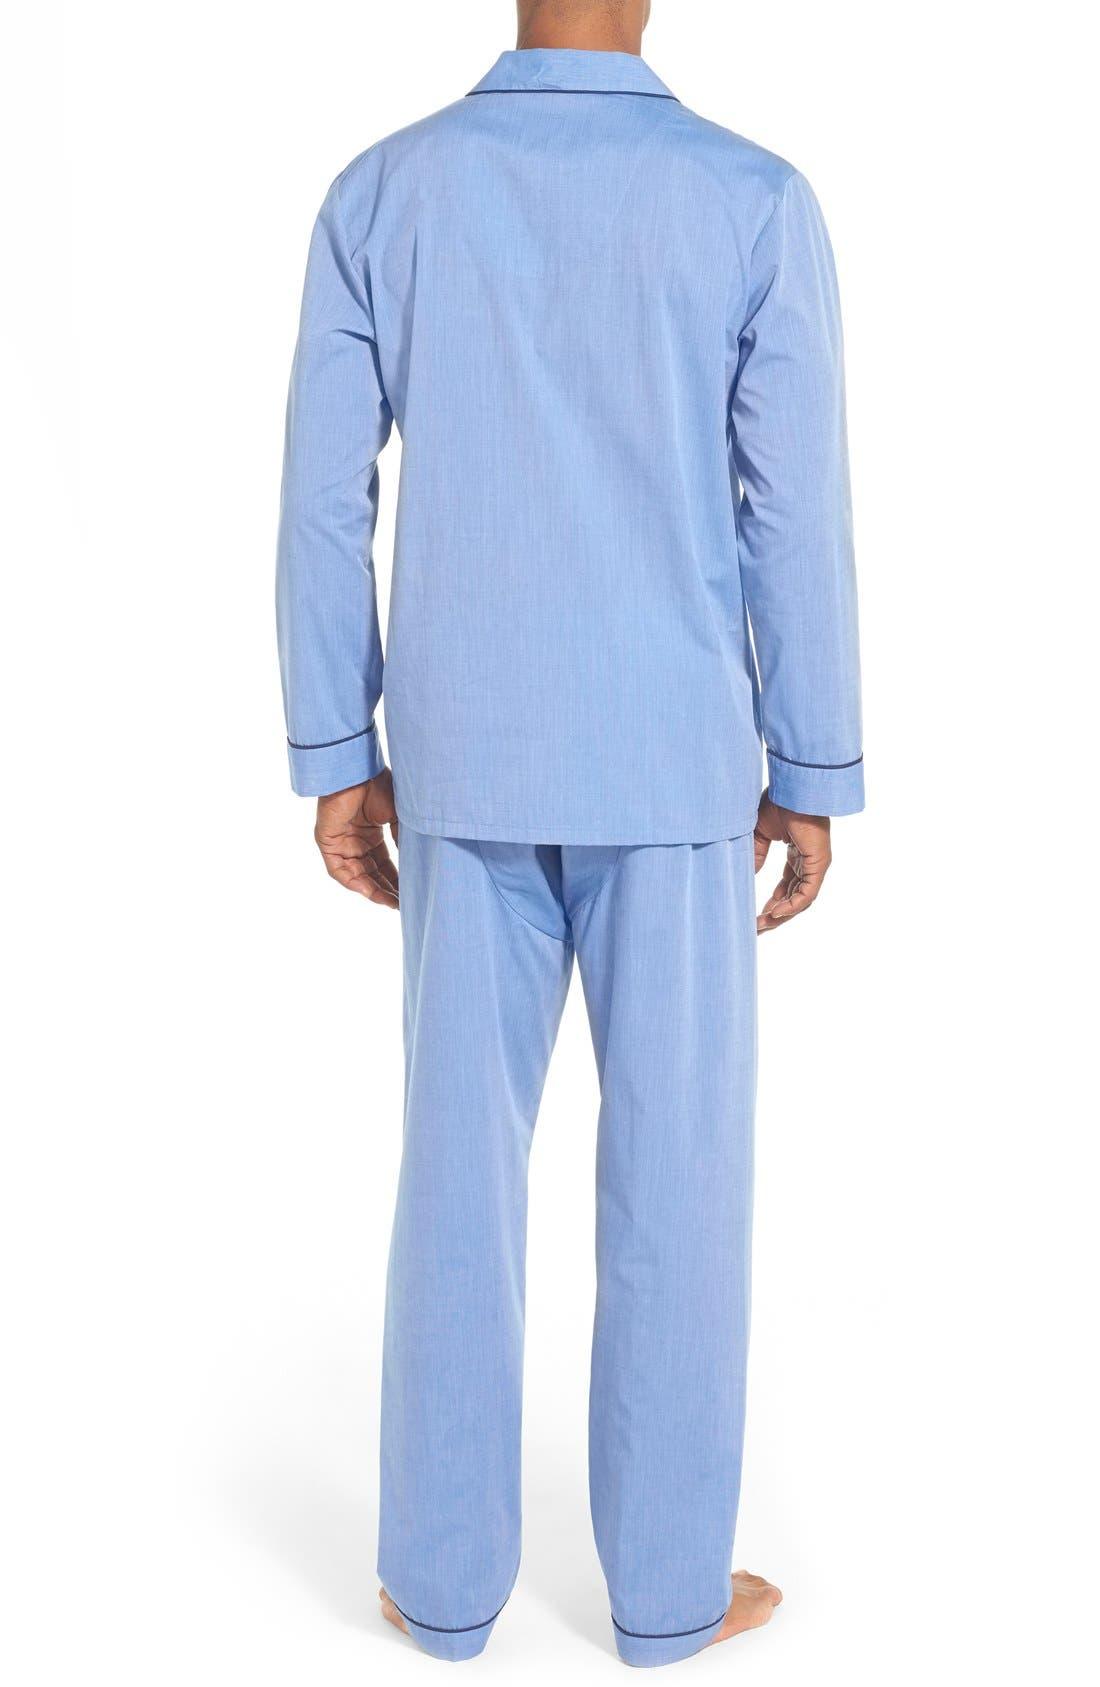 Cotton Blend Pajamas,                             Alternate thumbnail 2, color,                             421